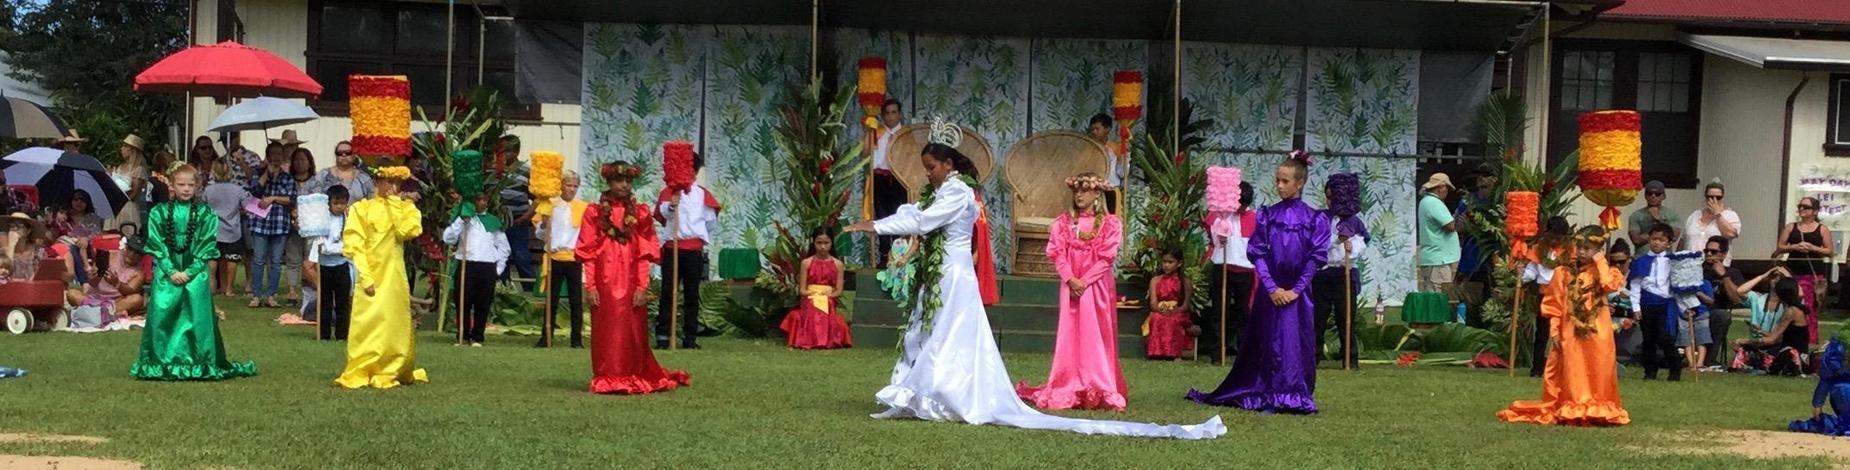 Queen Taylor dances!